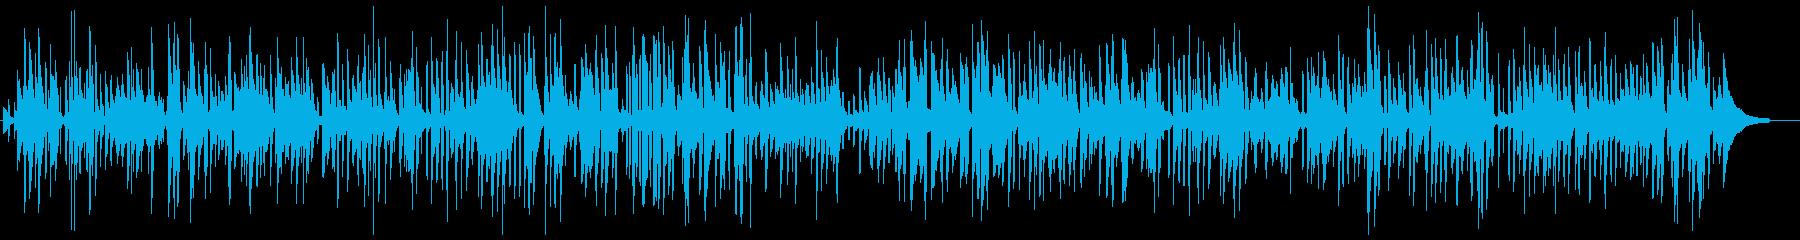 おしゃれなパリの生演奏ライブジャズの再生済みの波形